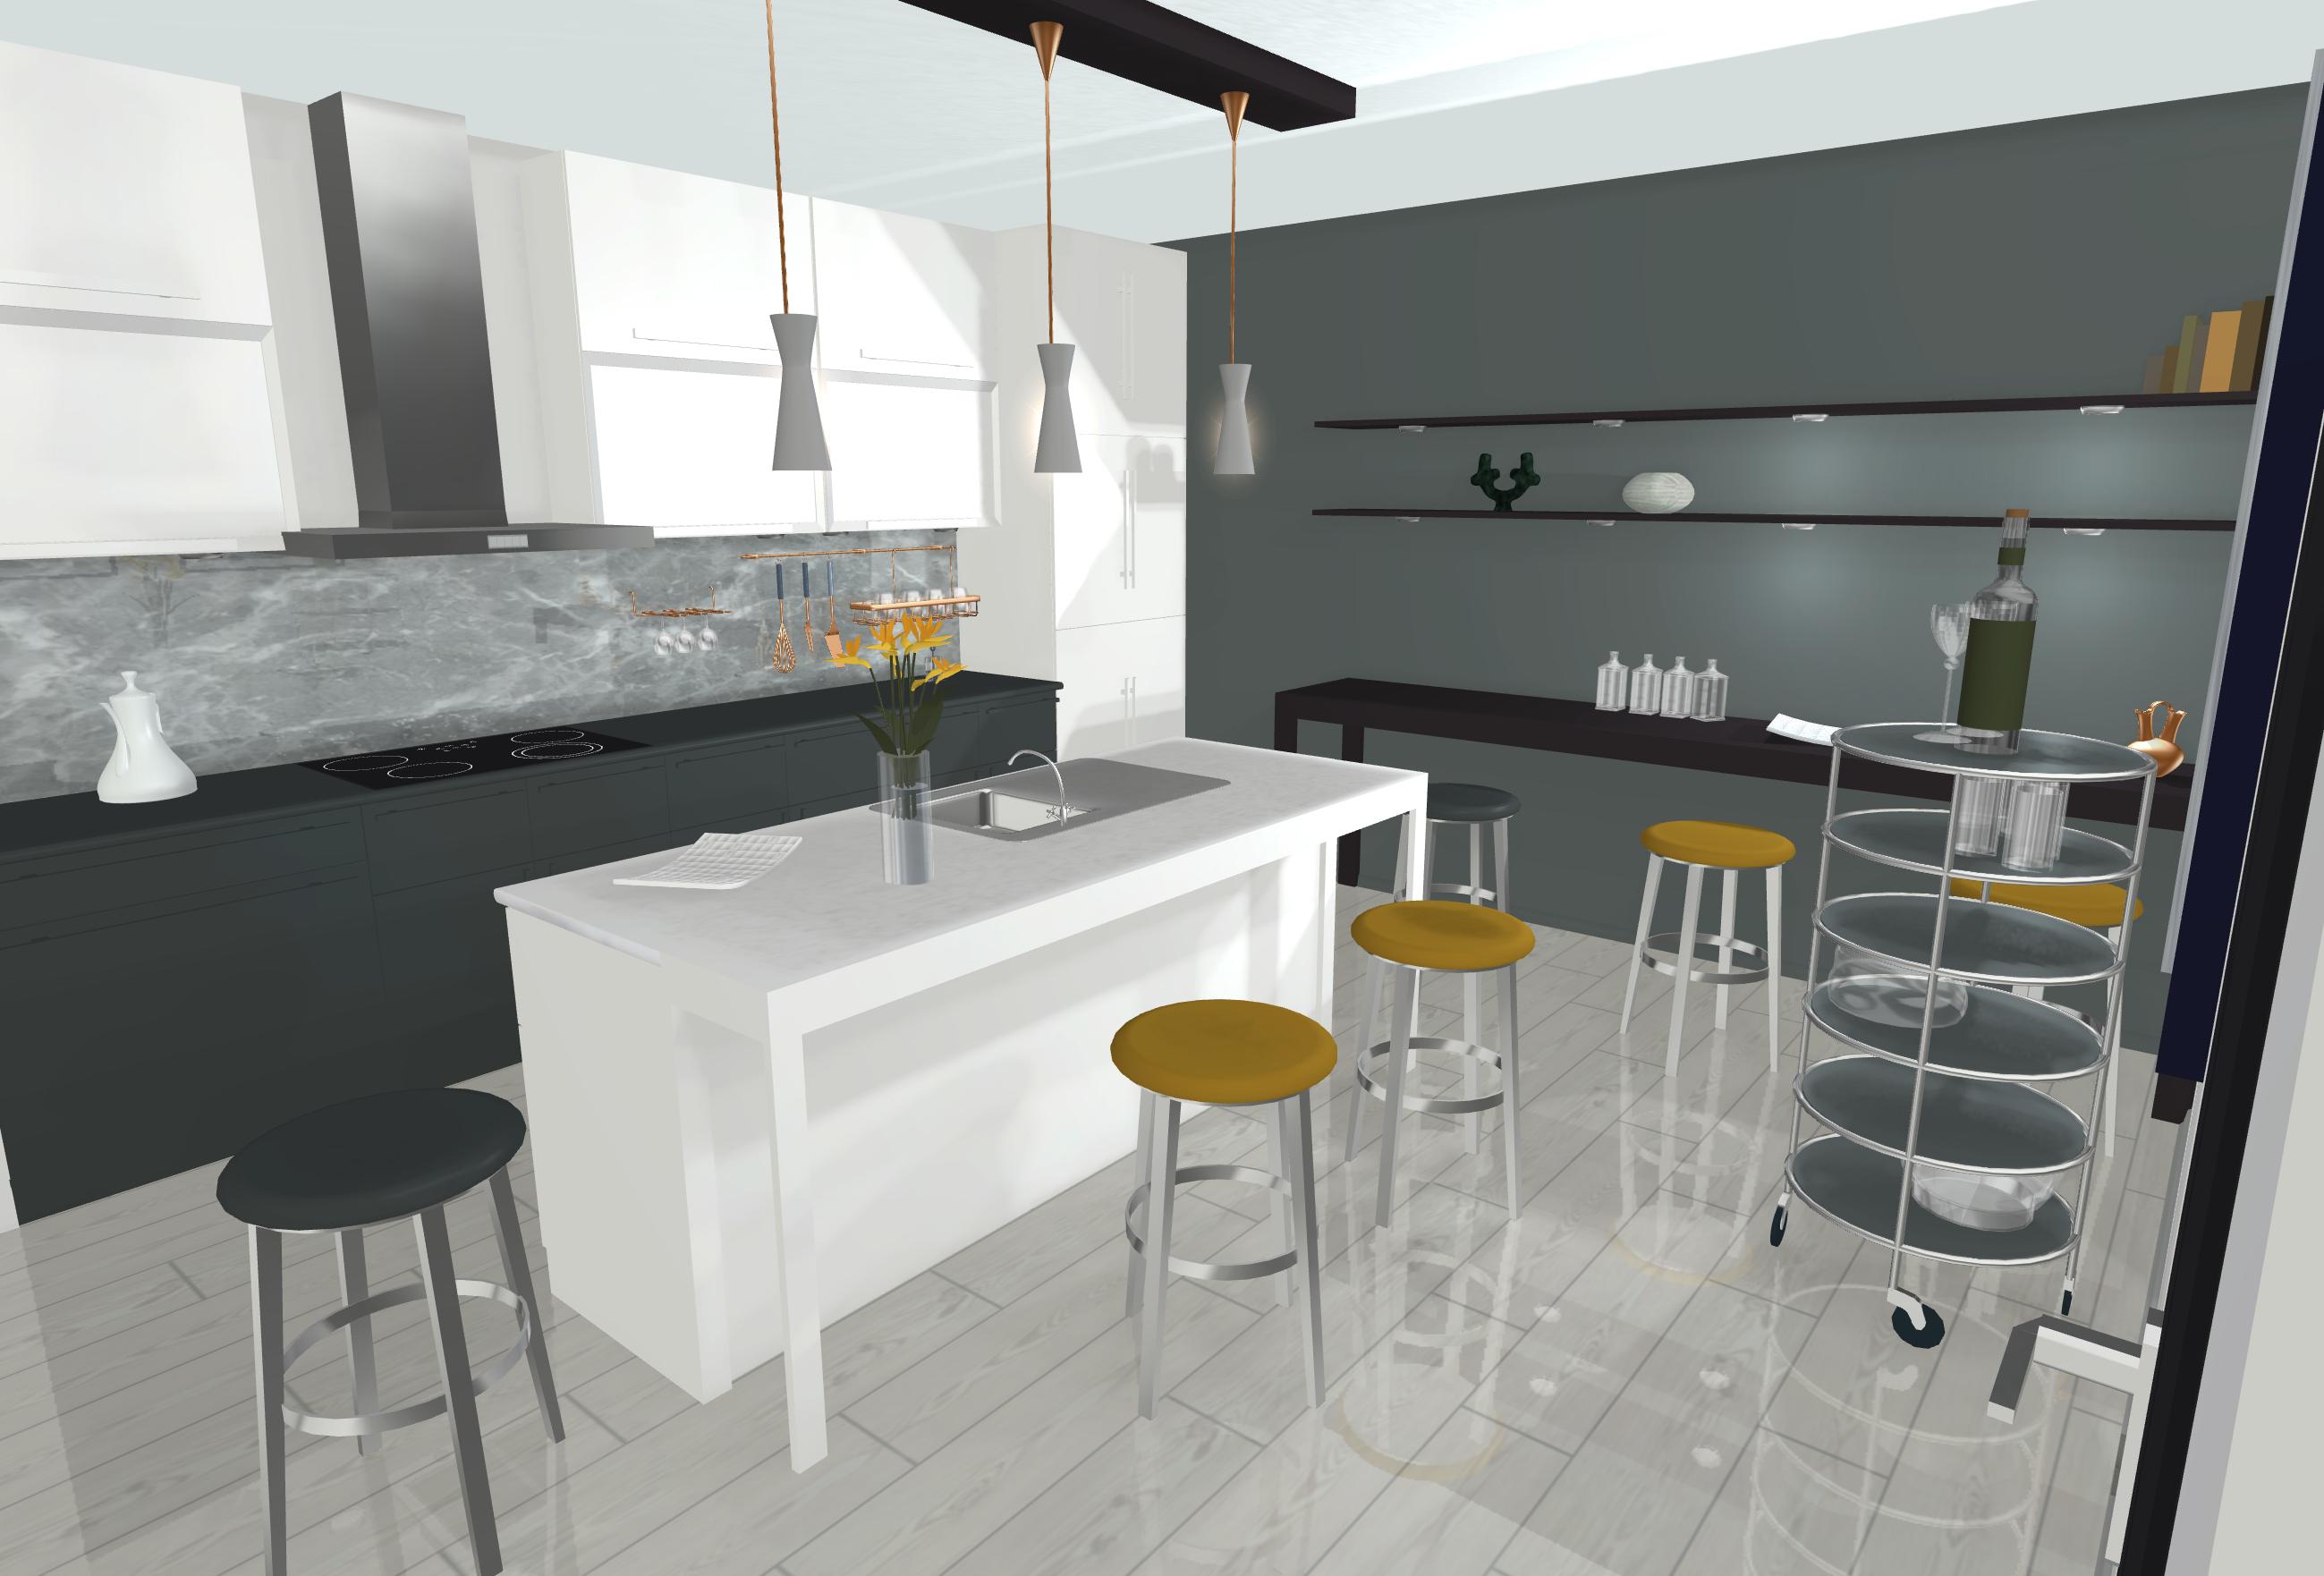 Dream Kitchen Interior Design Software Home Design Software